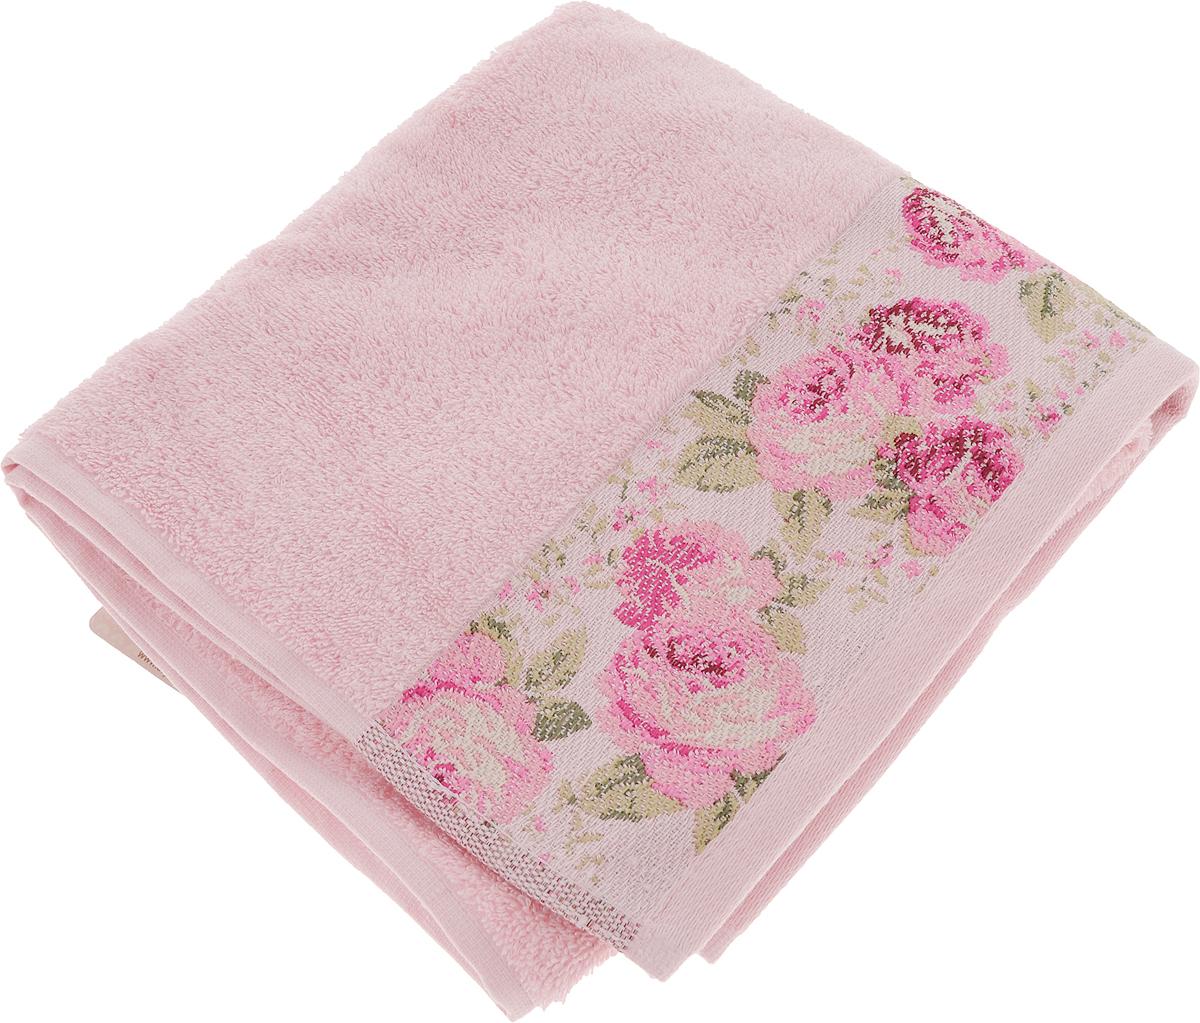 Полотенце Arya Desima, цвет: розовый, 50 x 90 смTR1002516_РозовыйПолотенце Arya Desima выполнено из 100% хлопка. Изделие отлично впитывает влагу, быстро сохнет, сохраняет яркость цвета и не теряет форму даже после многократных стирок. Такое полотенце очень практично и неприхотливо в уходе. Оно создаст прекрасное настроение и украсит интерьер в ванной комнате.